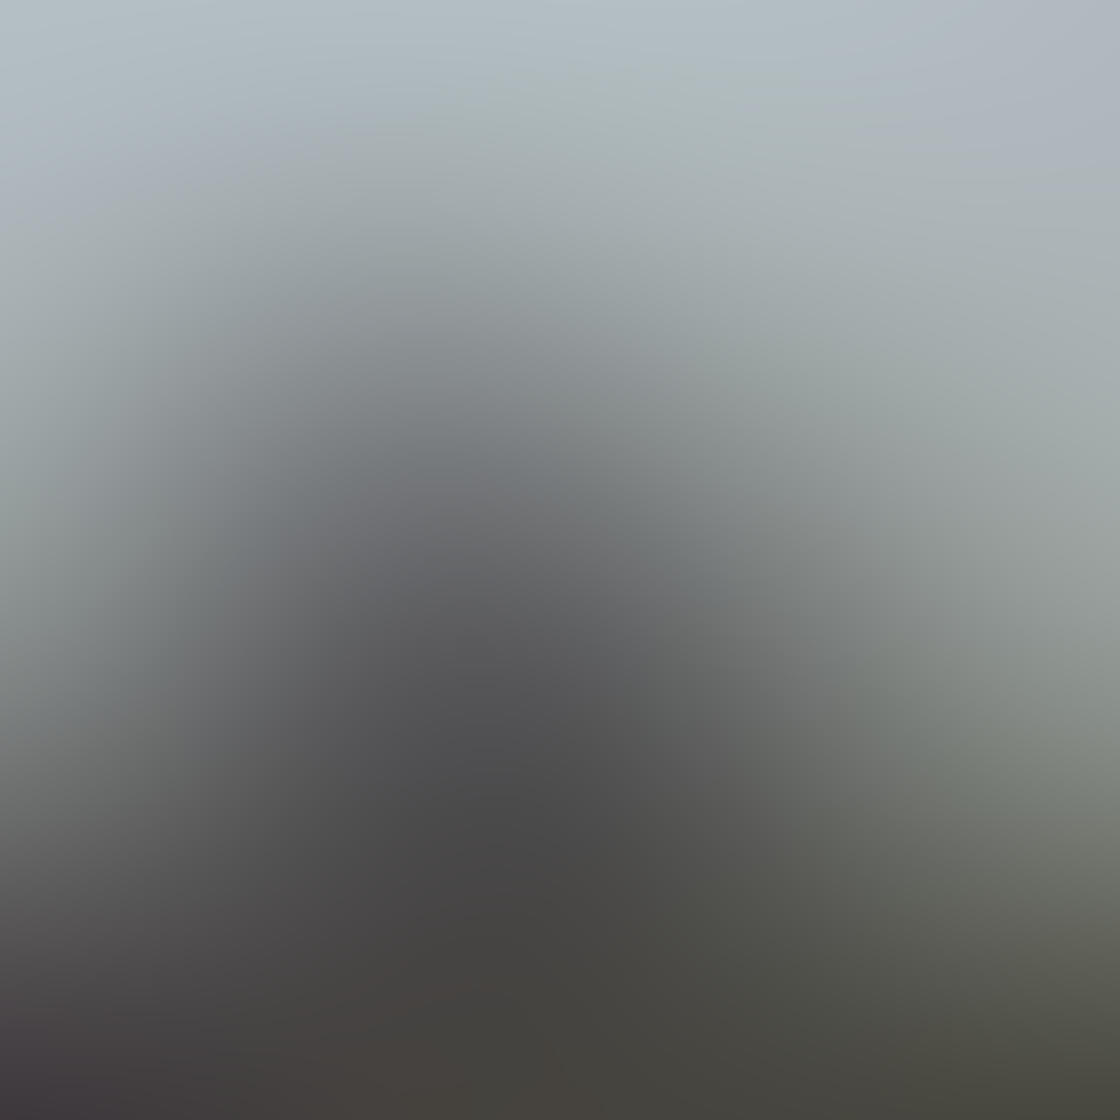 Fog & Mist iPhone Photos 43